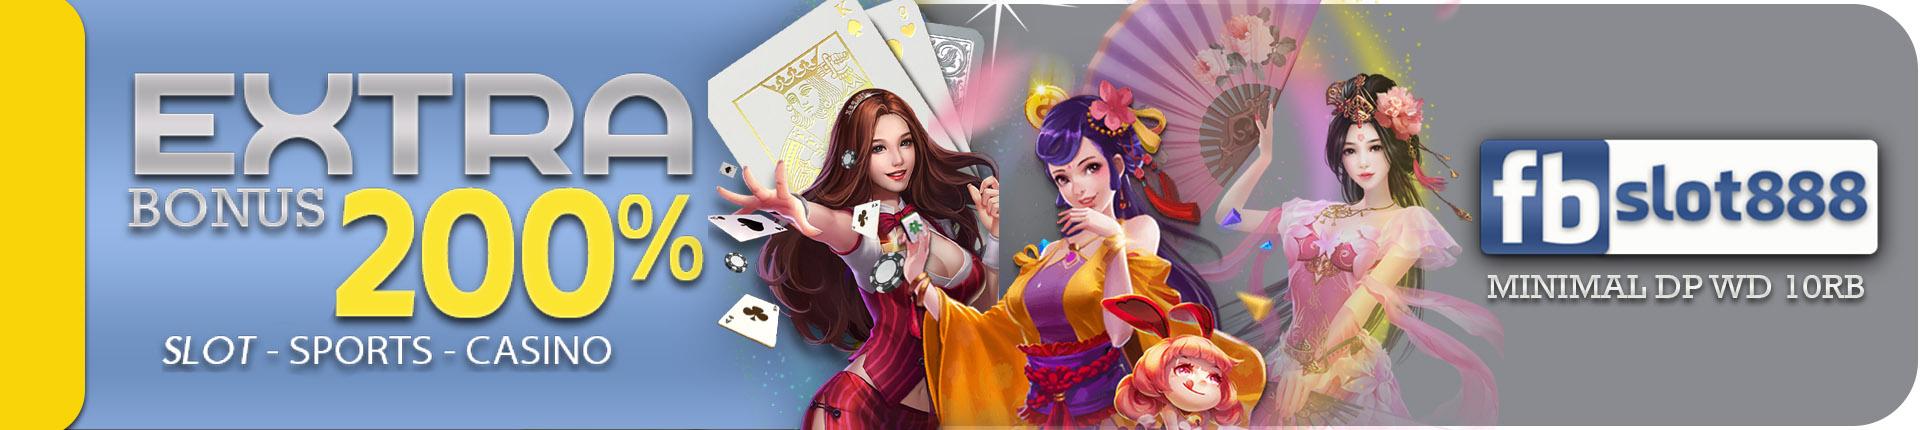 FBSLOT888 Situs Slot Pragmatic Deposit 5000 10000 Tanpa Potongan